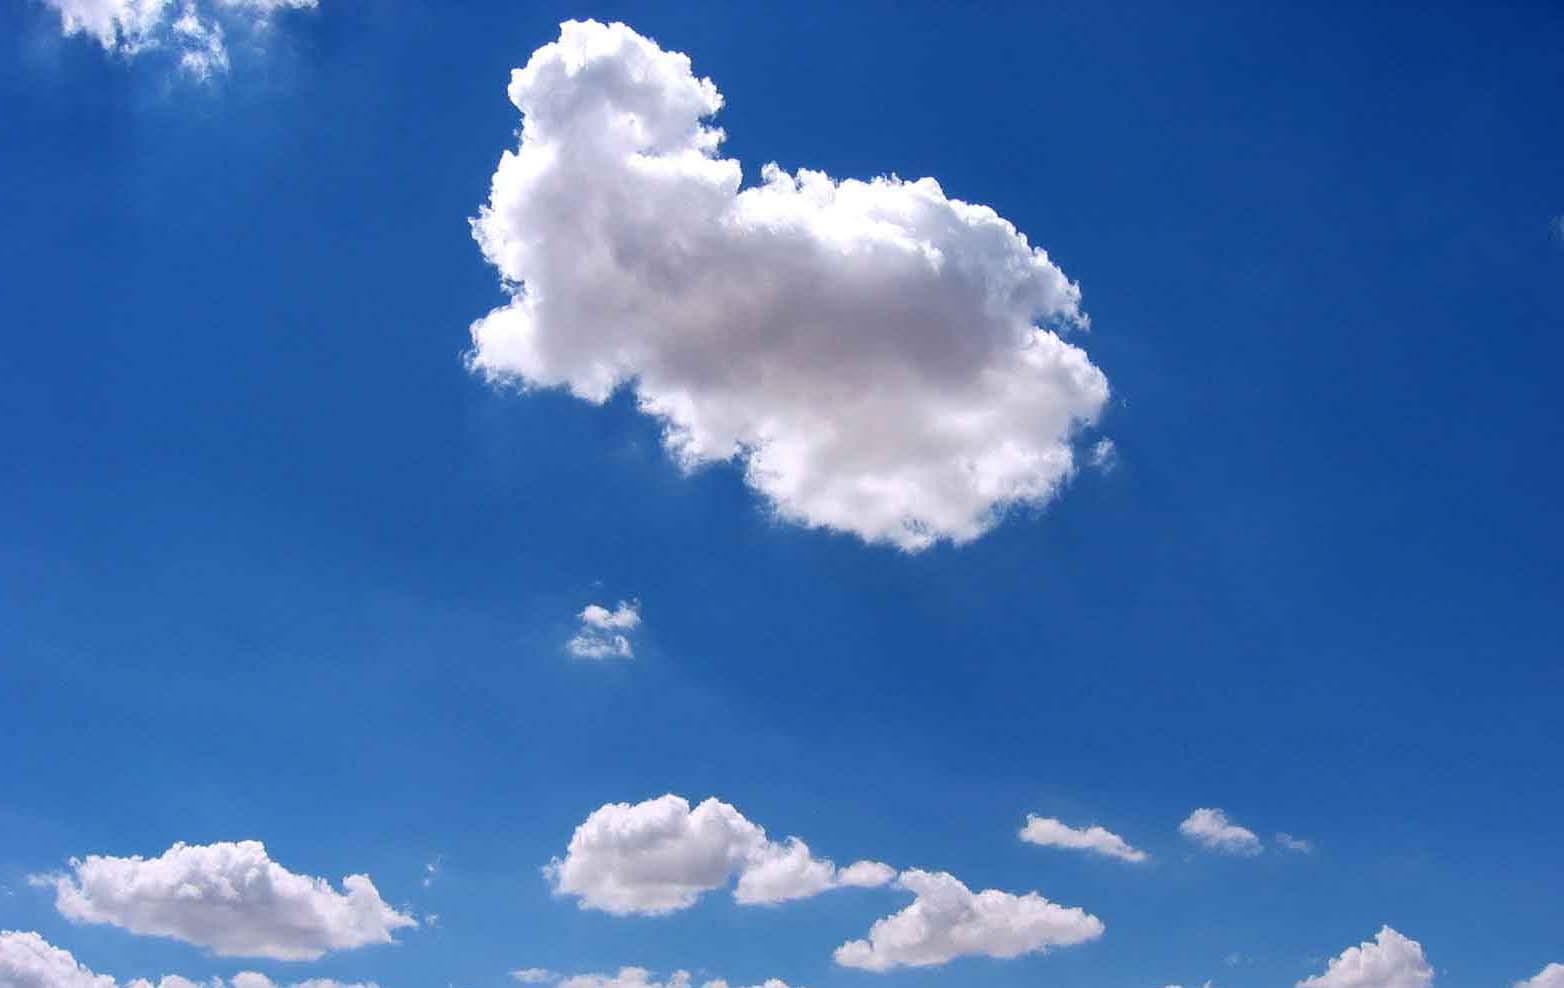 come-nuvola